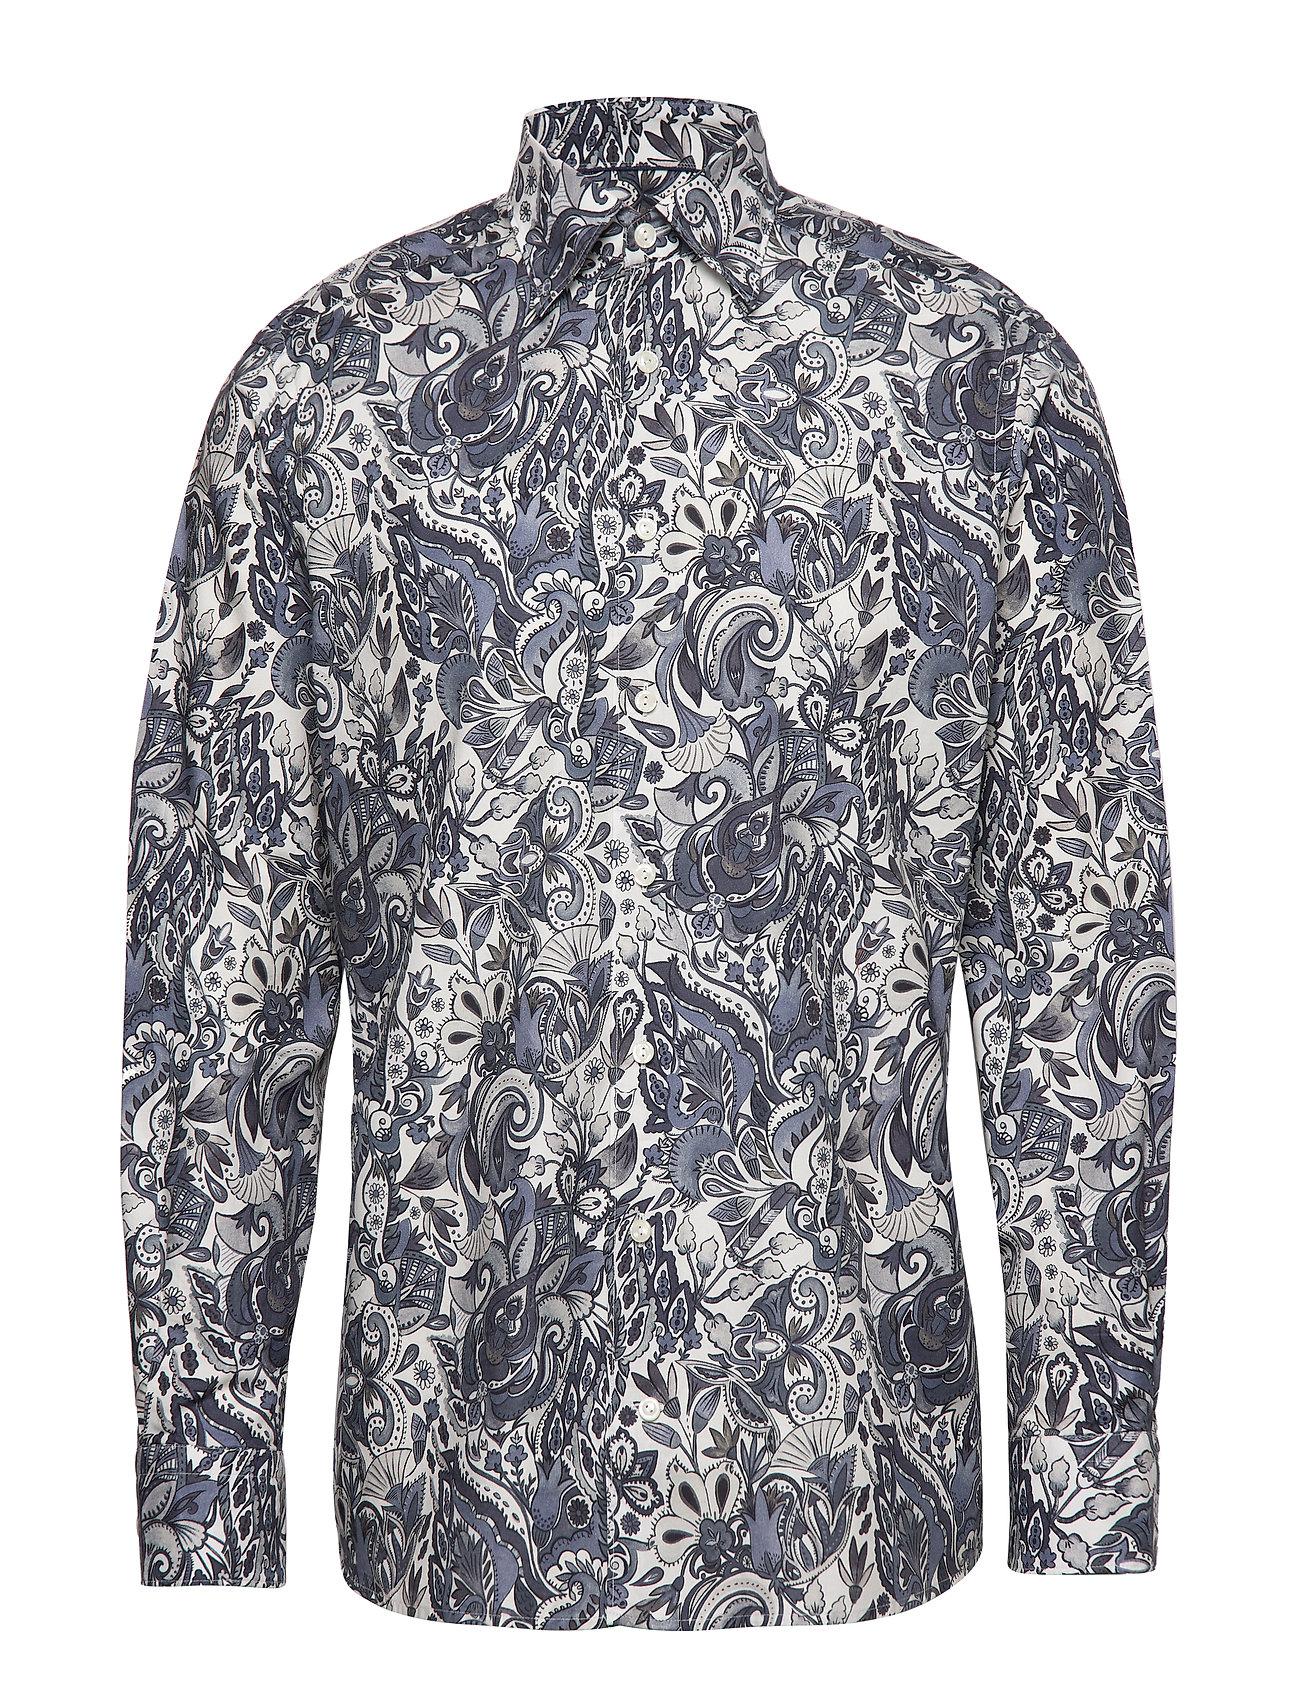 Blueamp; ShirtgreyEton White Flannel Soft Lightweight Paisley 7v6byYfg